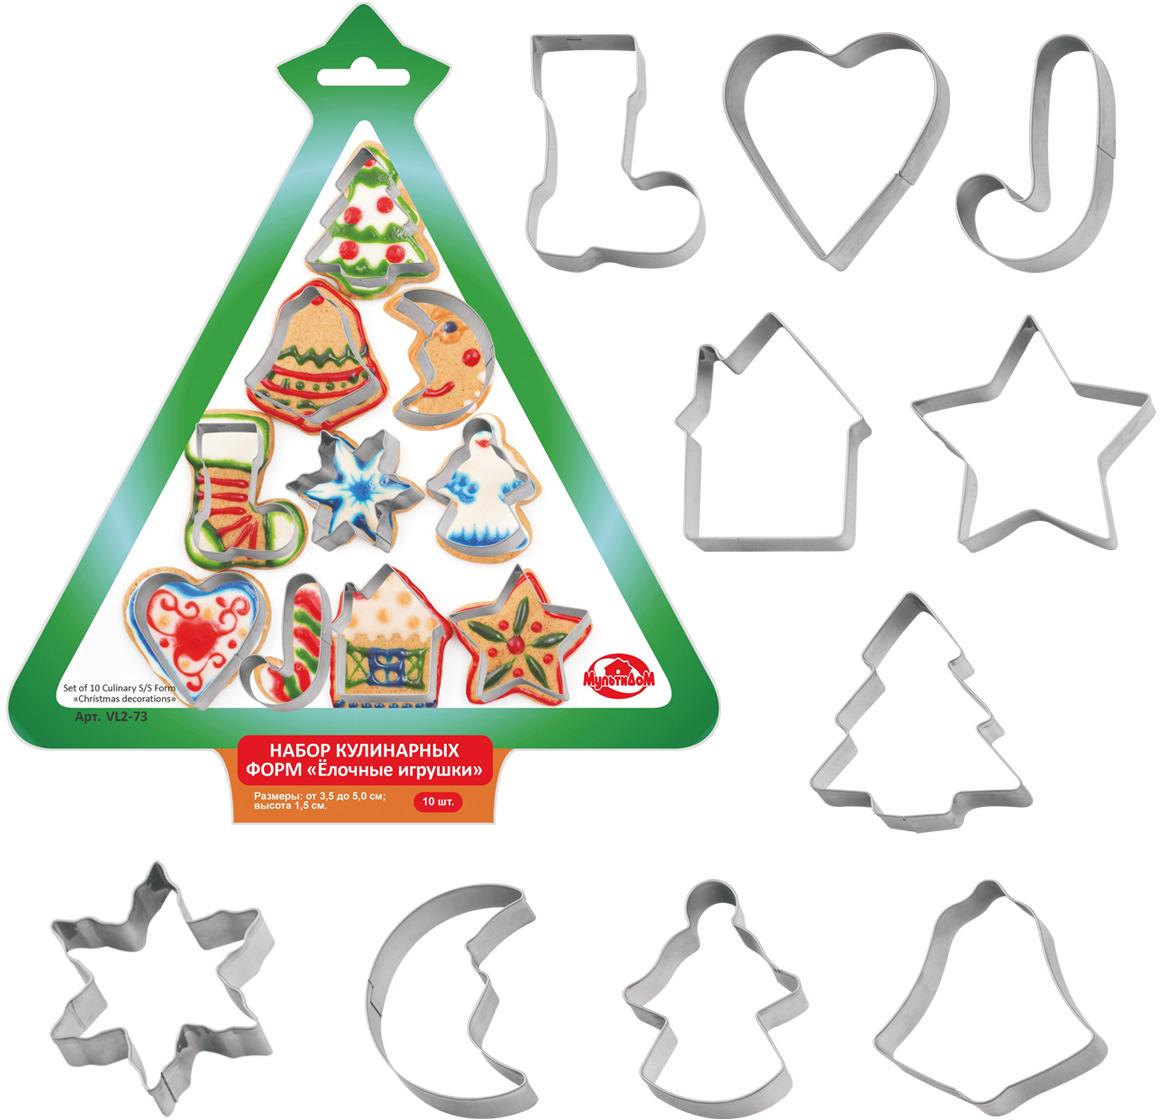 Набор кулинарных форм Мультидом Елочные игрушки, 10 шт цена